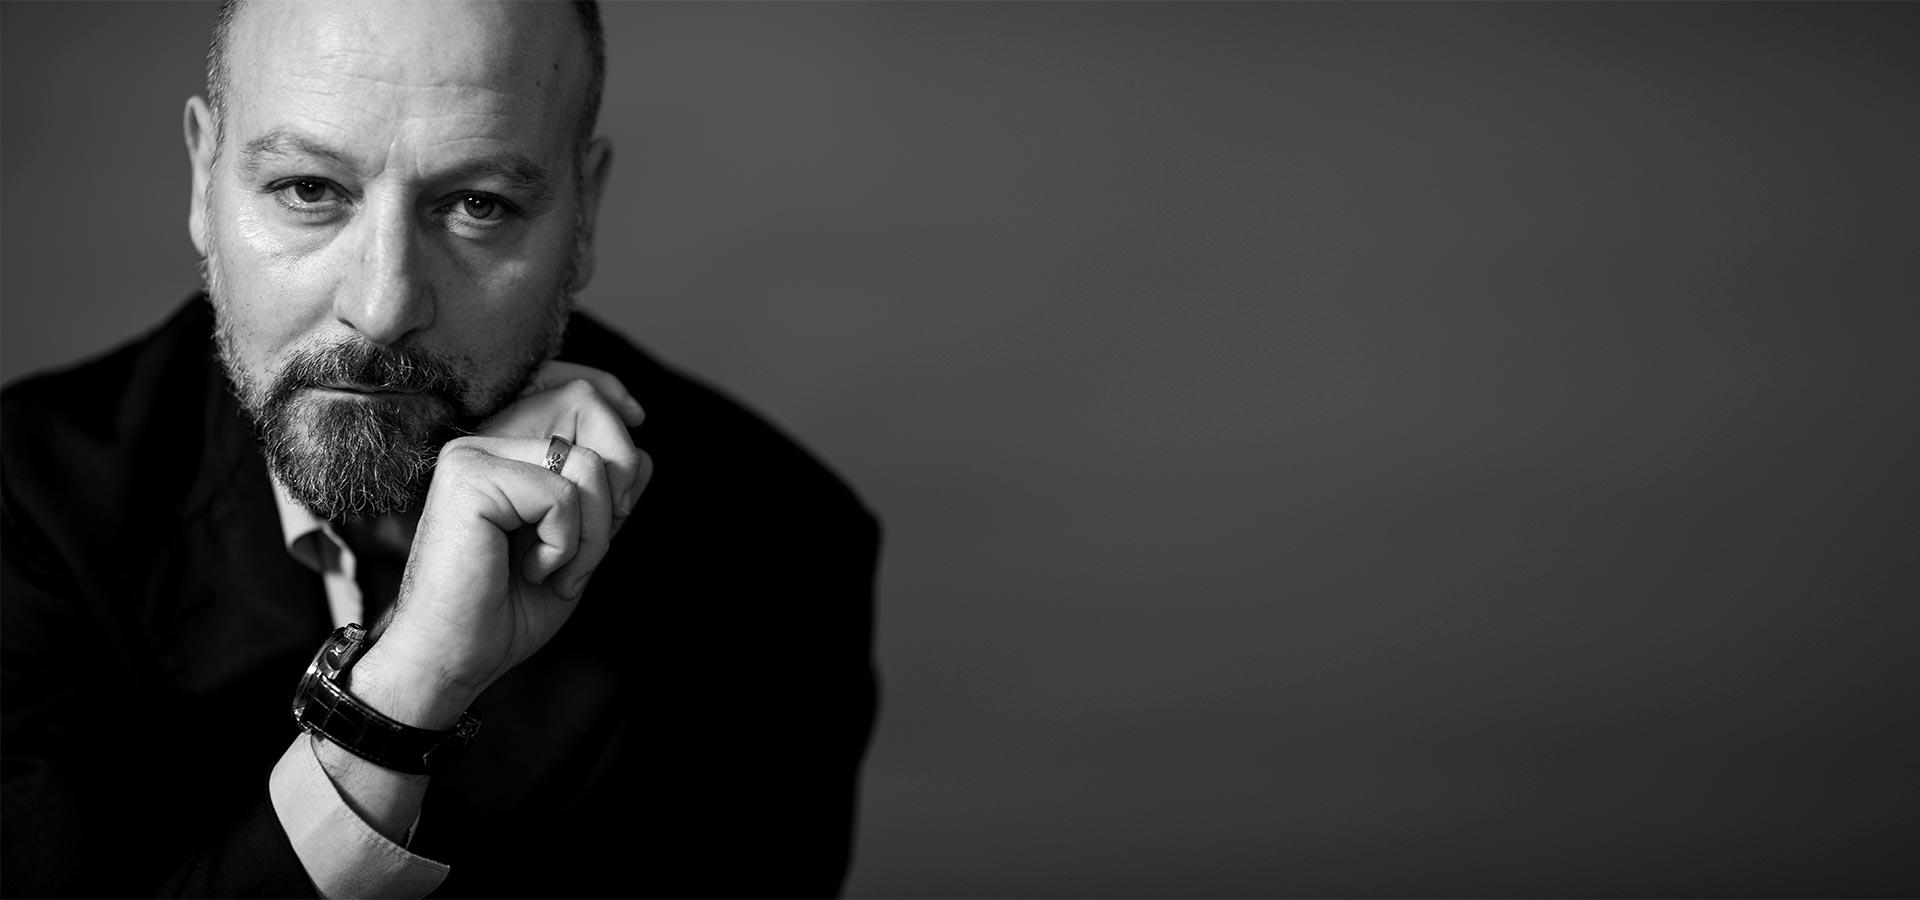 In questa fotografia Donato Cremonesi CEO e Founder Factory Communication Agenzia Marketing e Comunicazione